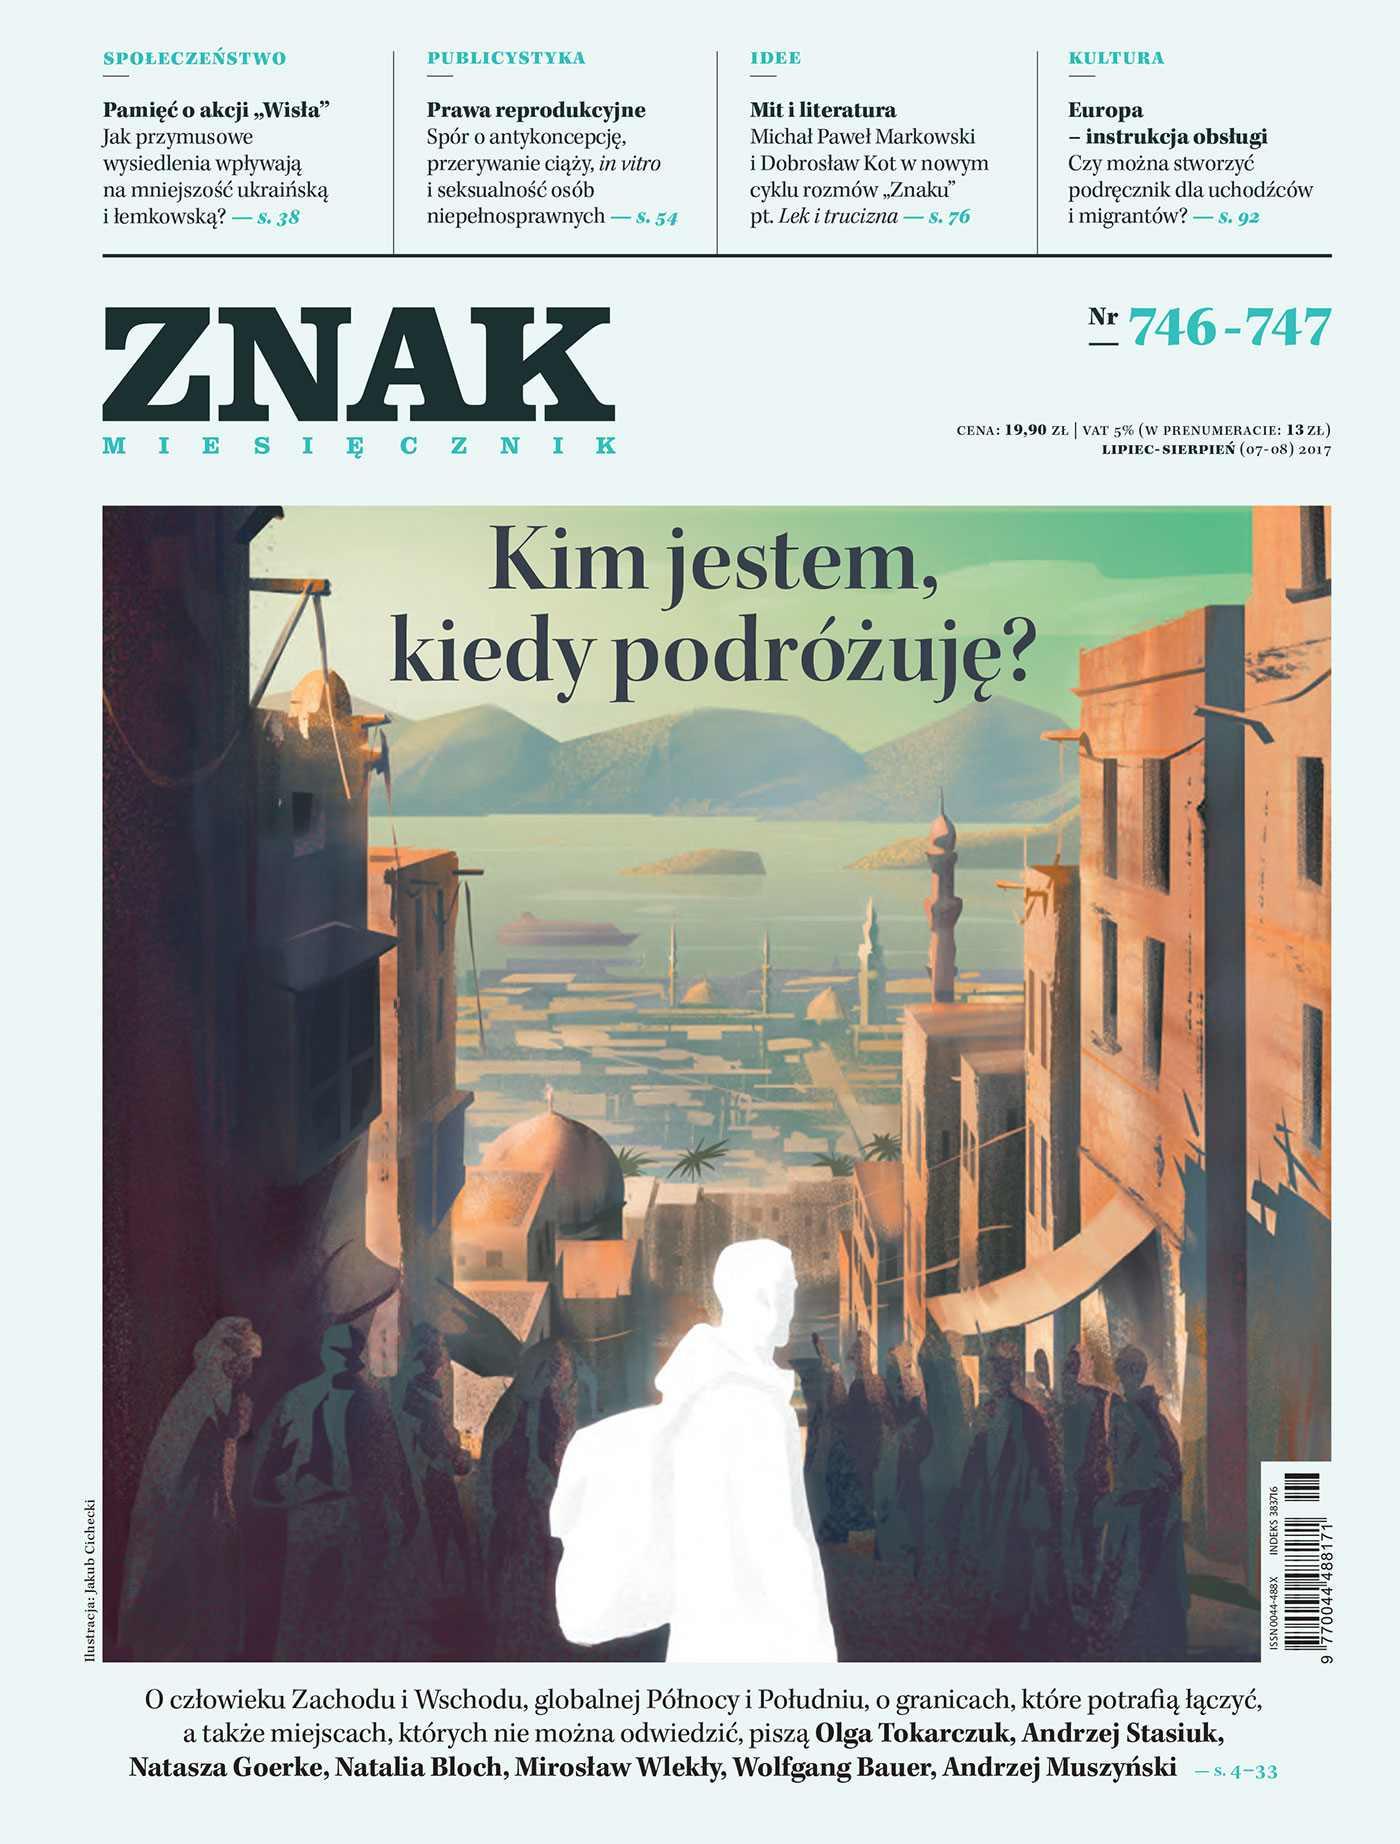 Miesięcznik Znak nr 746-747: Kim jestem, kiedy podróżuję? - Ebook (Książka na Kindle) do pobrania w formacie MOBI